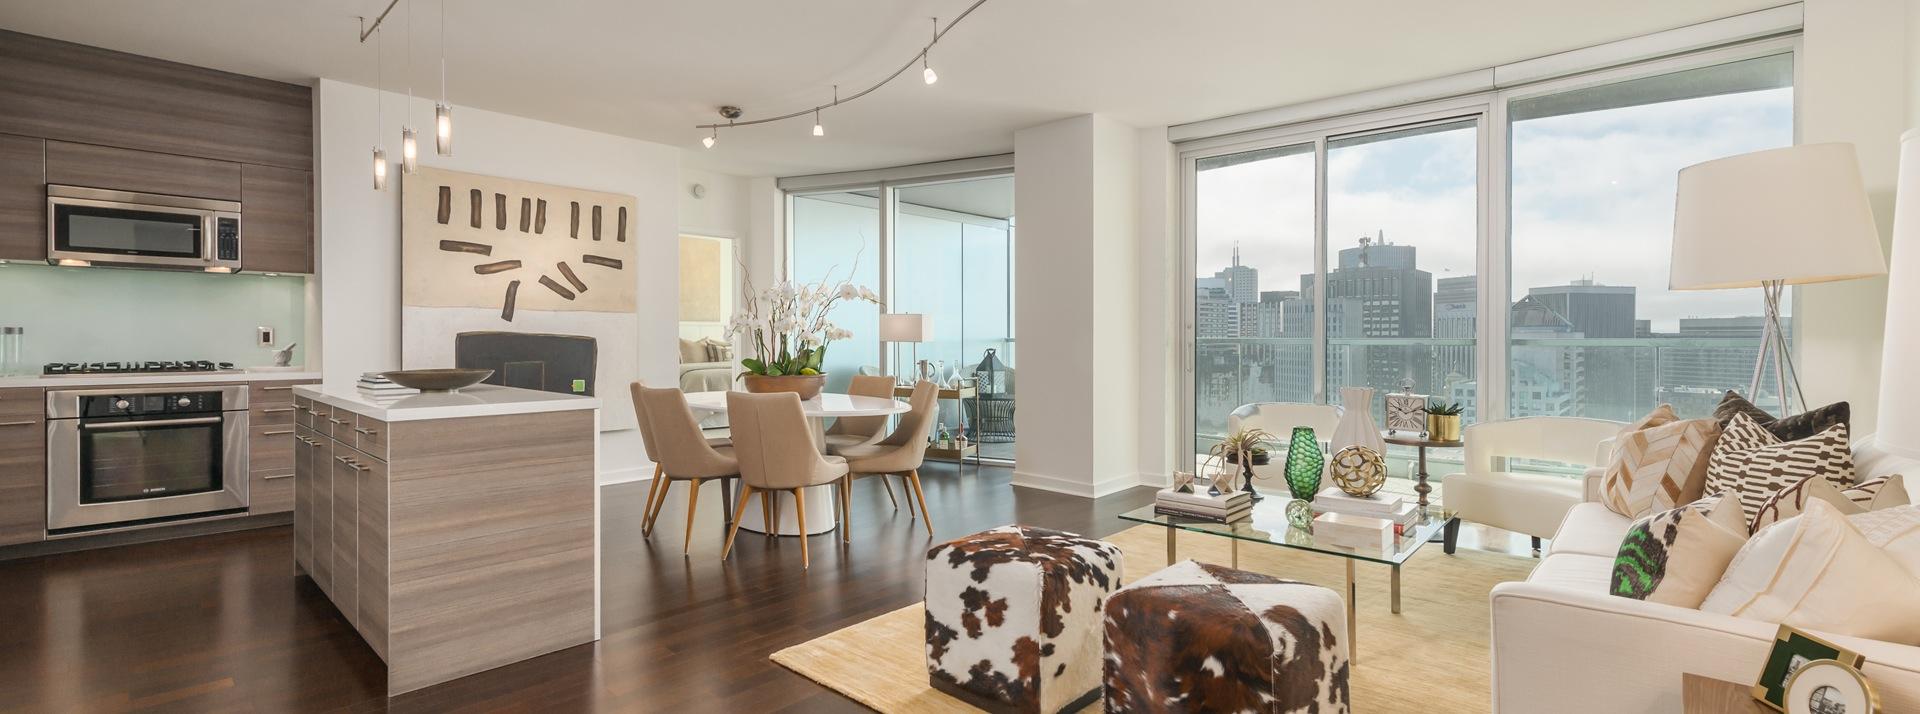 Marcus Lee SF Real Estate Agent San Francisco Bay Area Condos 02